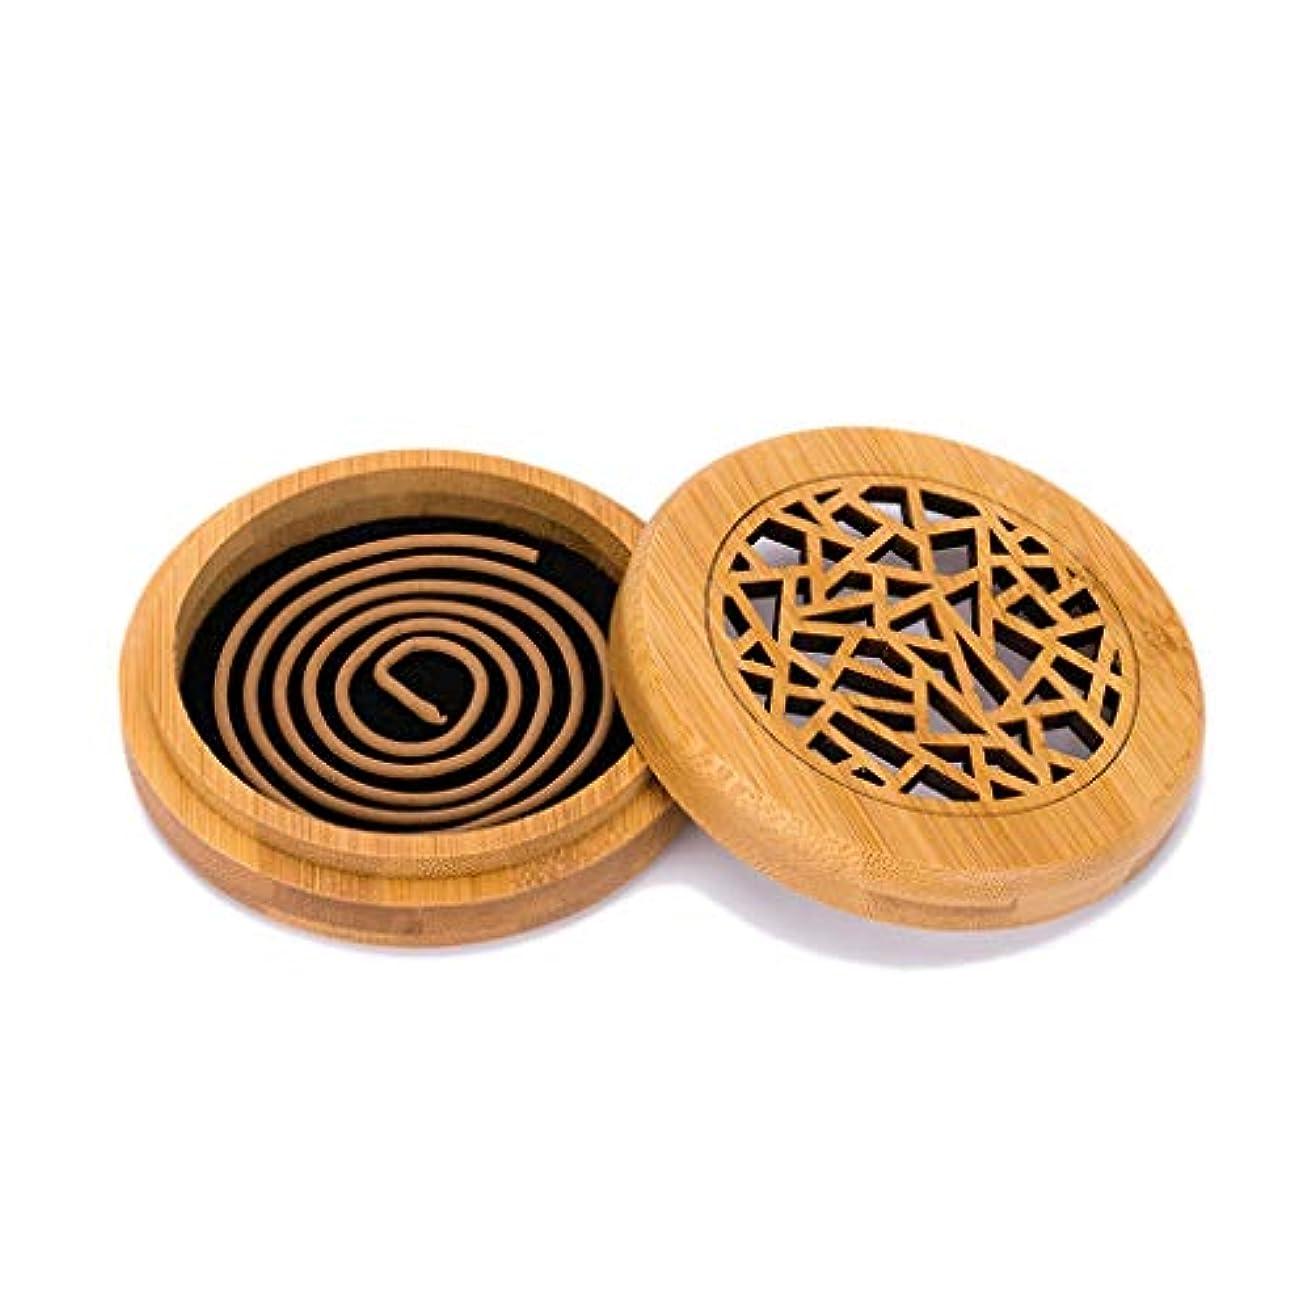 軽蔑楽観不実木製香炉コイル香スティックコーンバーナーホルダー部屋の装飾瞑想竹アッシュキャッチャー香ホルダー (Color : Wood, サイズ : Round)